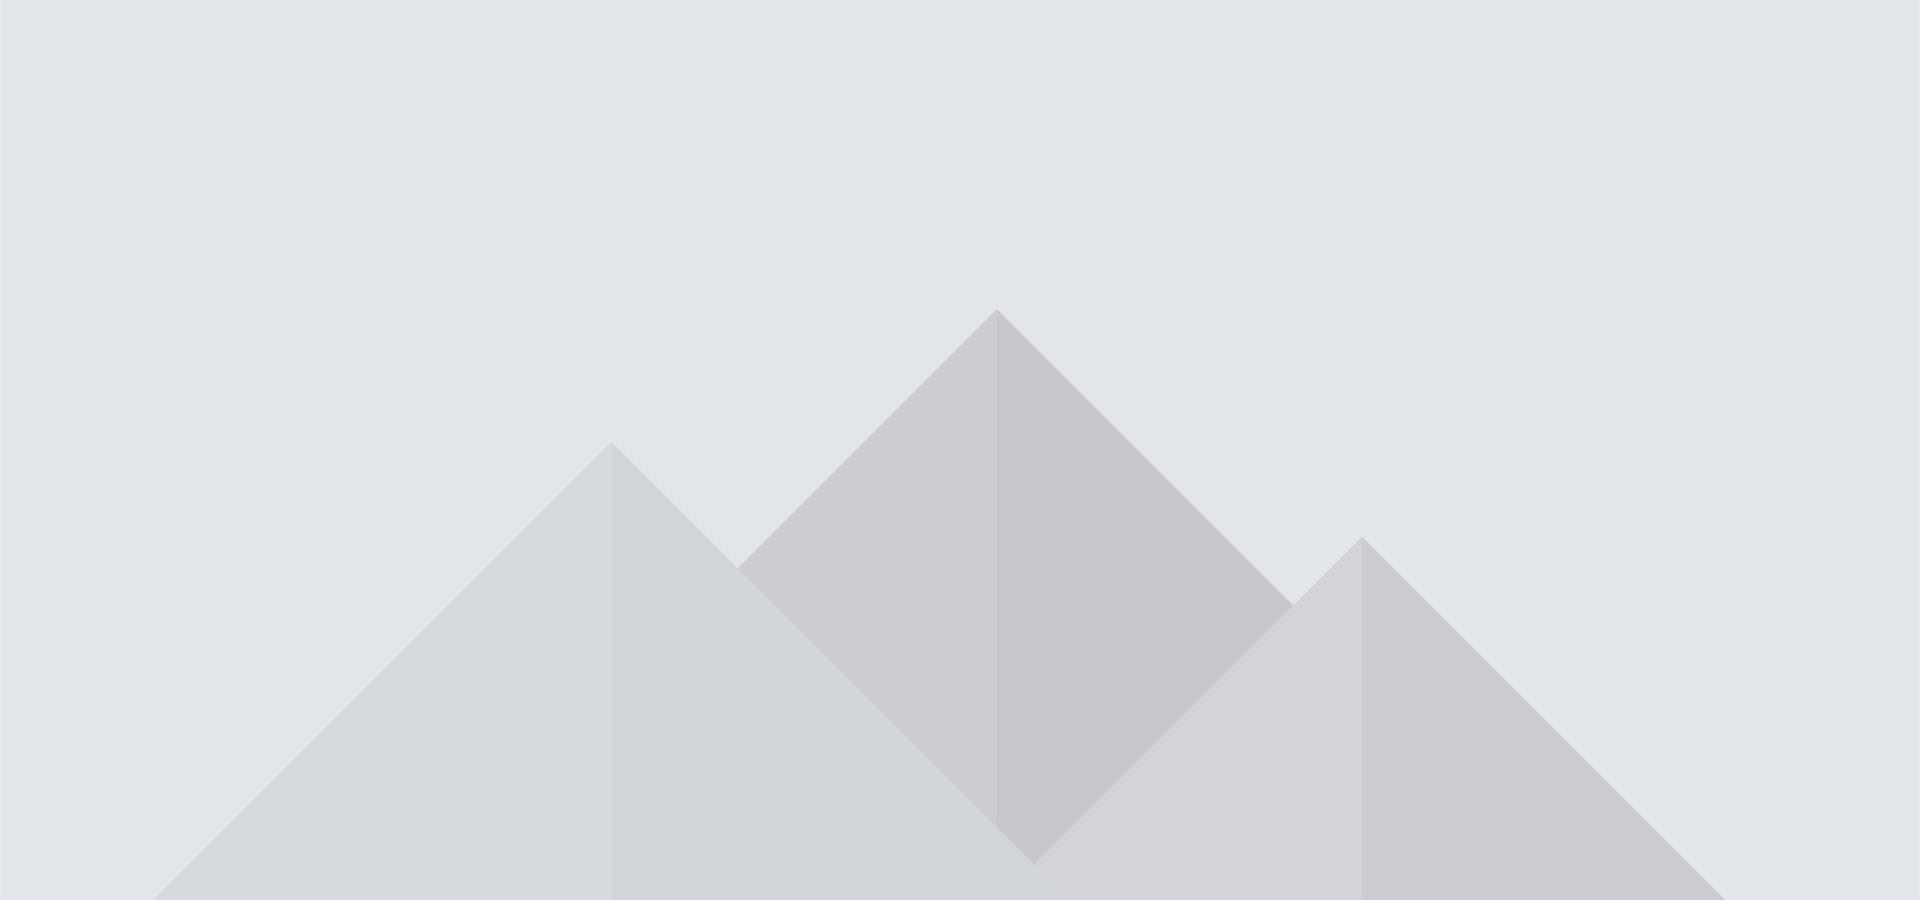 Customize Prestashop CMS pages